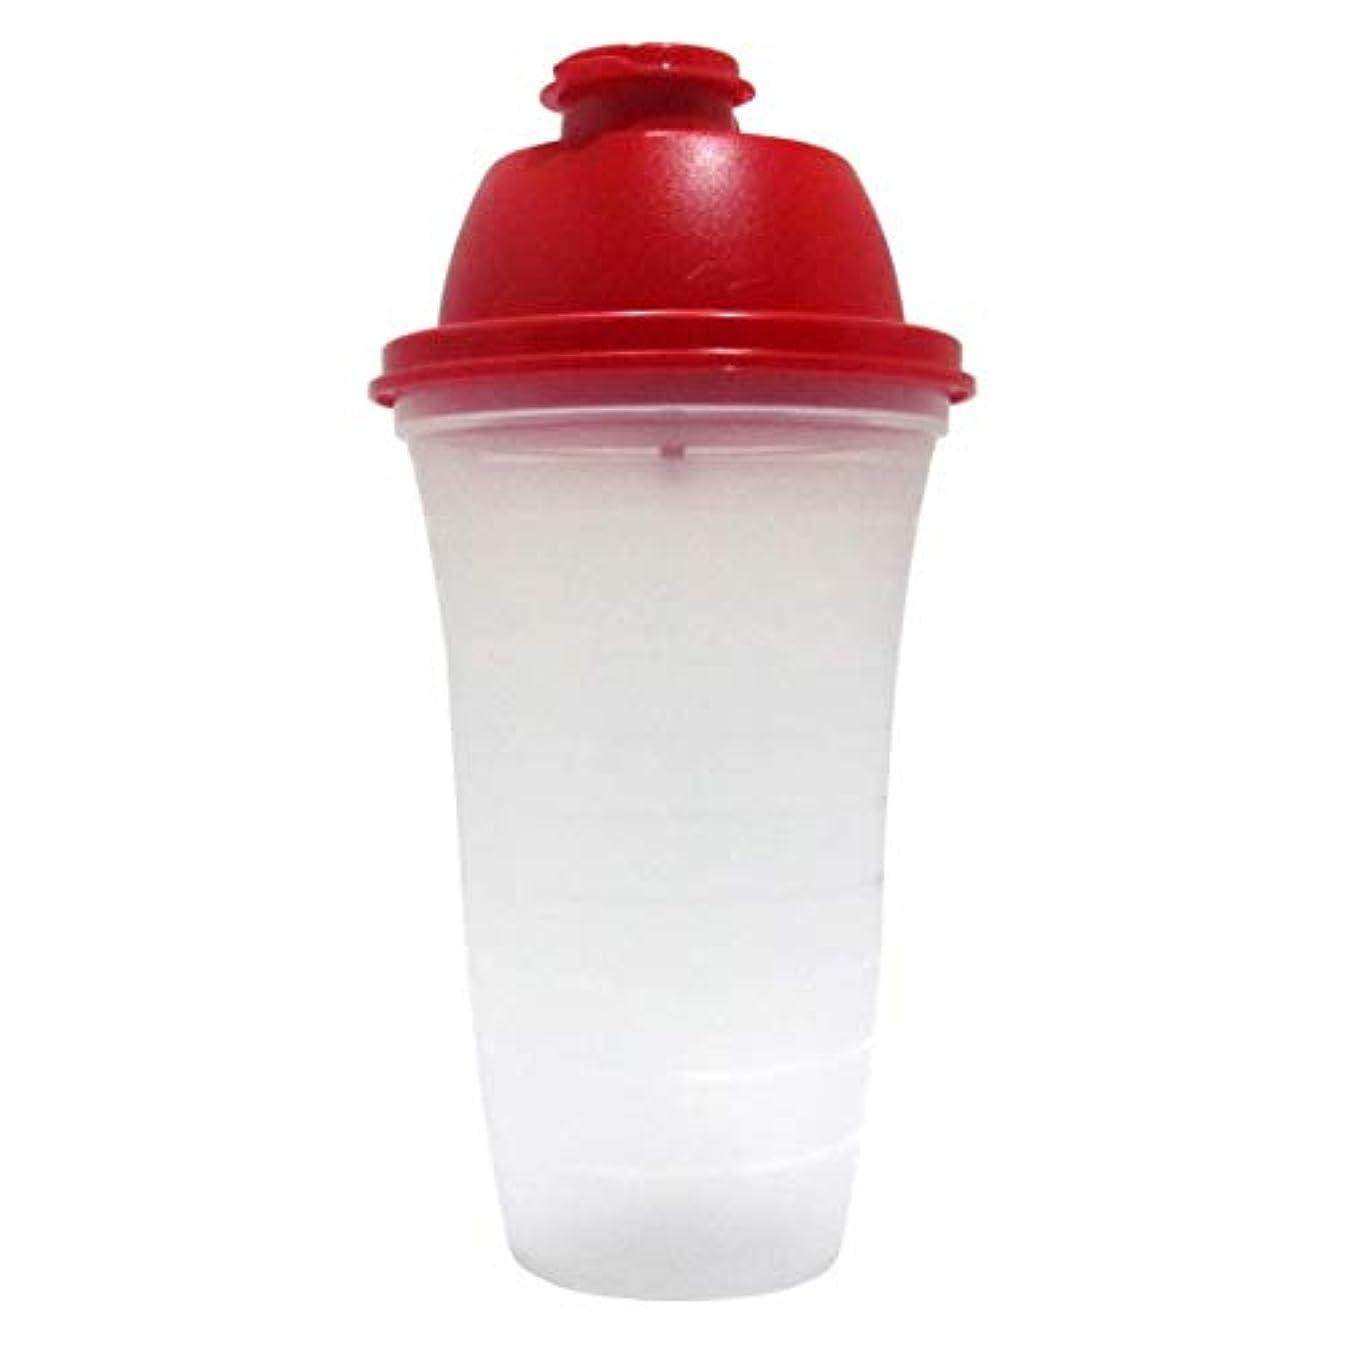 描写純粋にマイナーAVS STORE ® Tupperware CupクイックShaker 500 ml